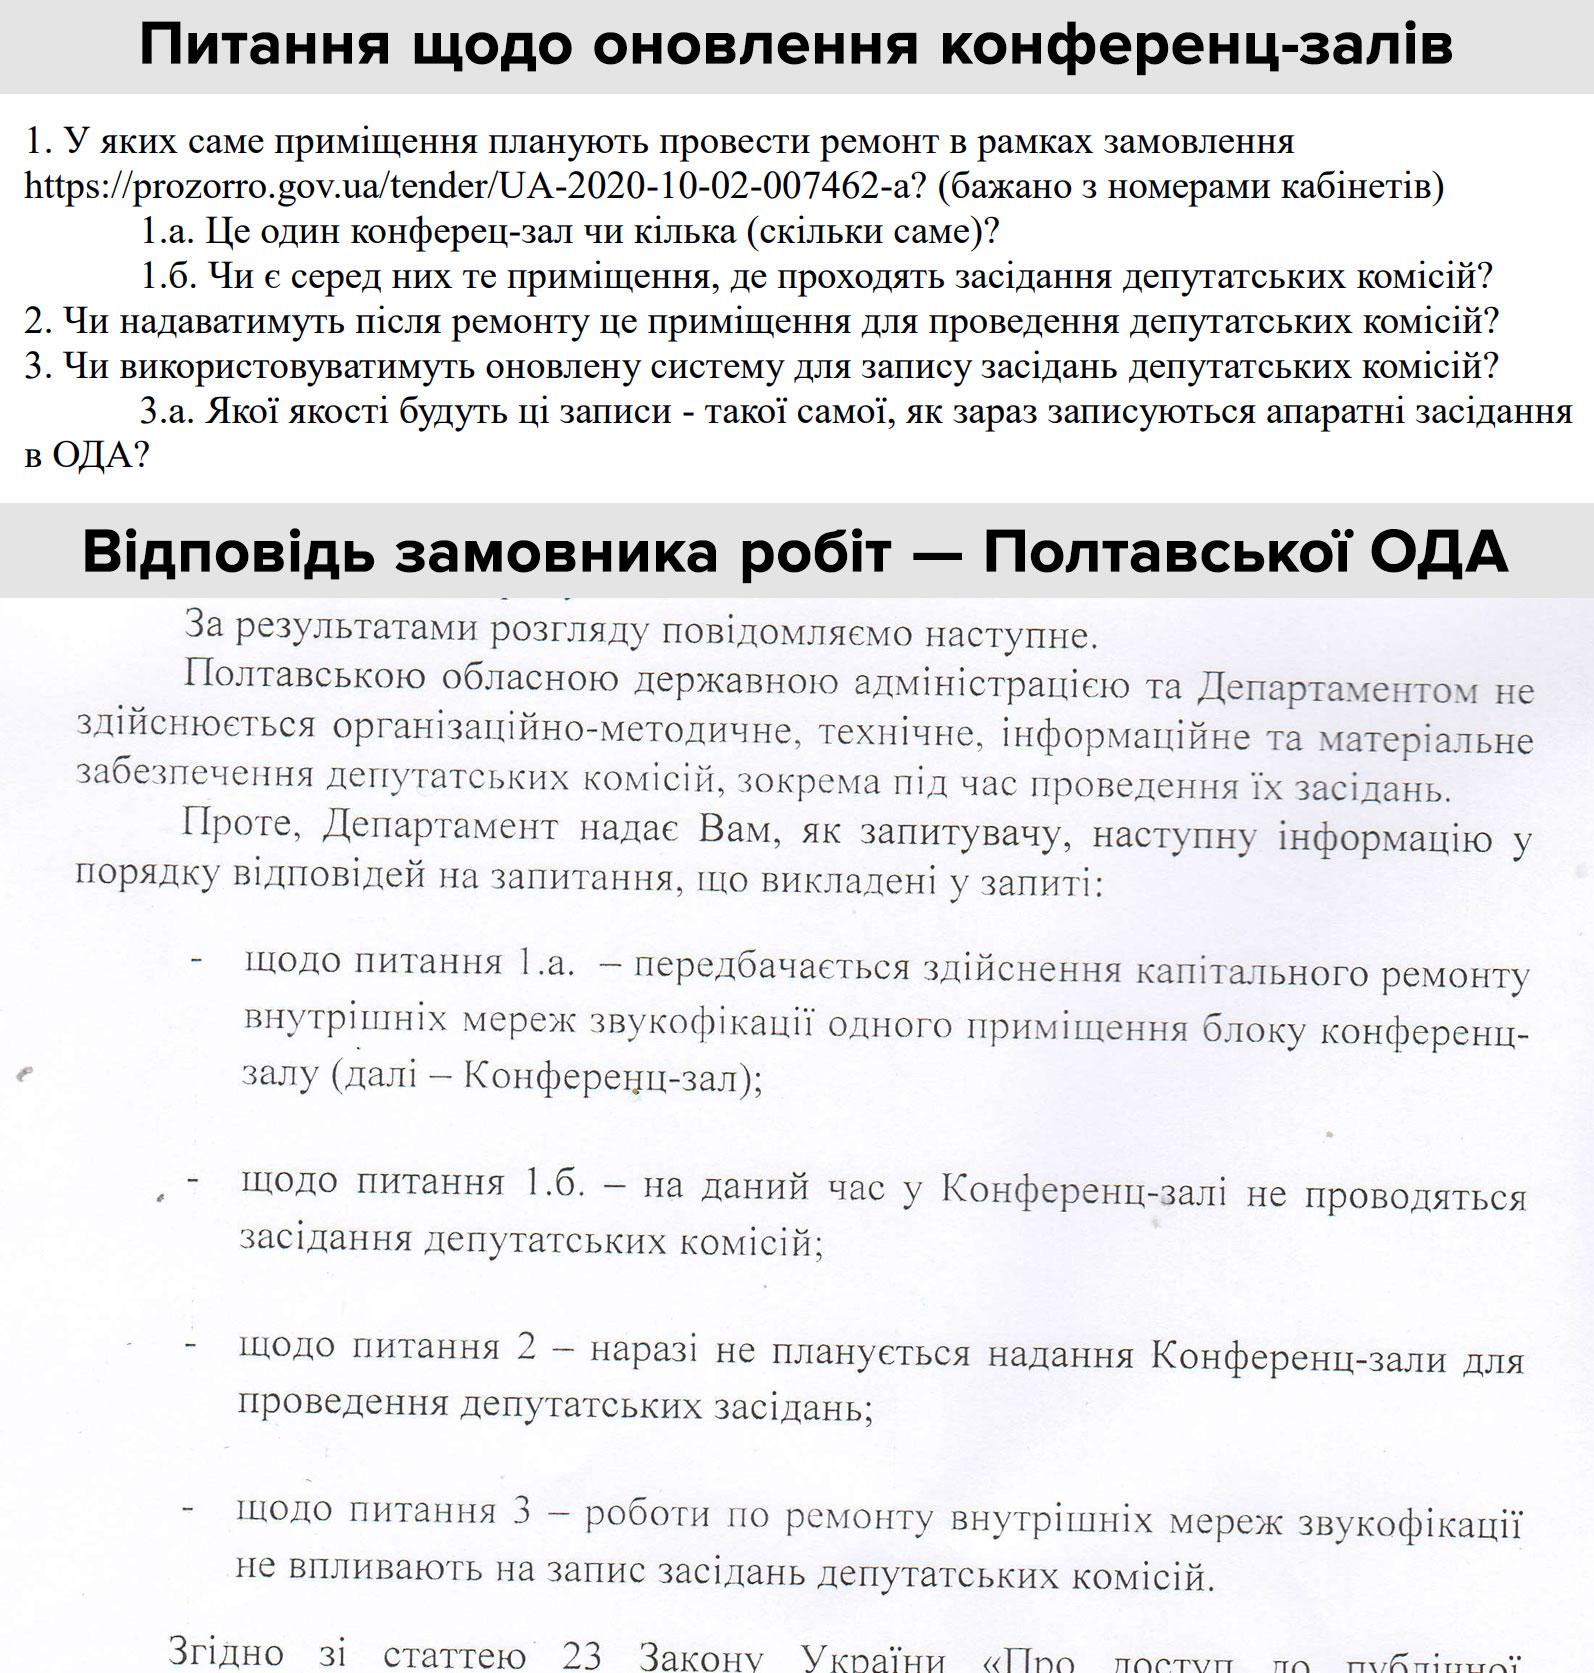 Інформаційний запит та відповідь Полтавської ОДА